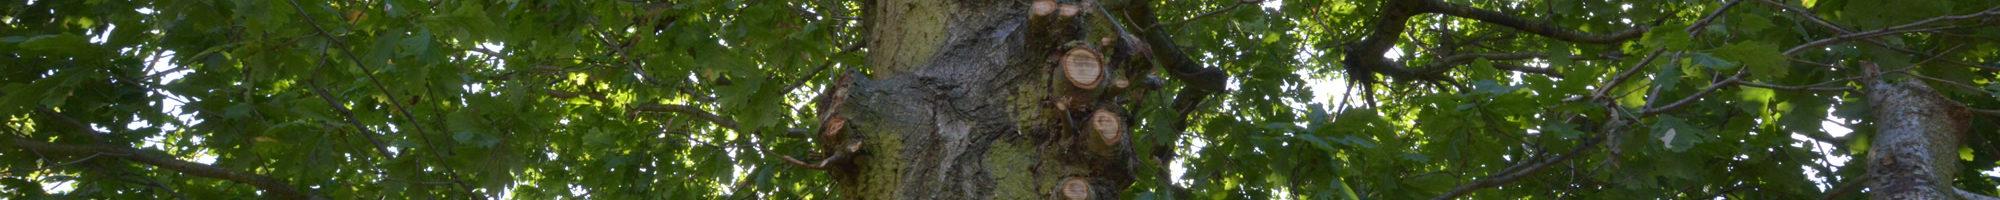 slider-tree-surgery